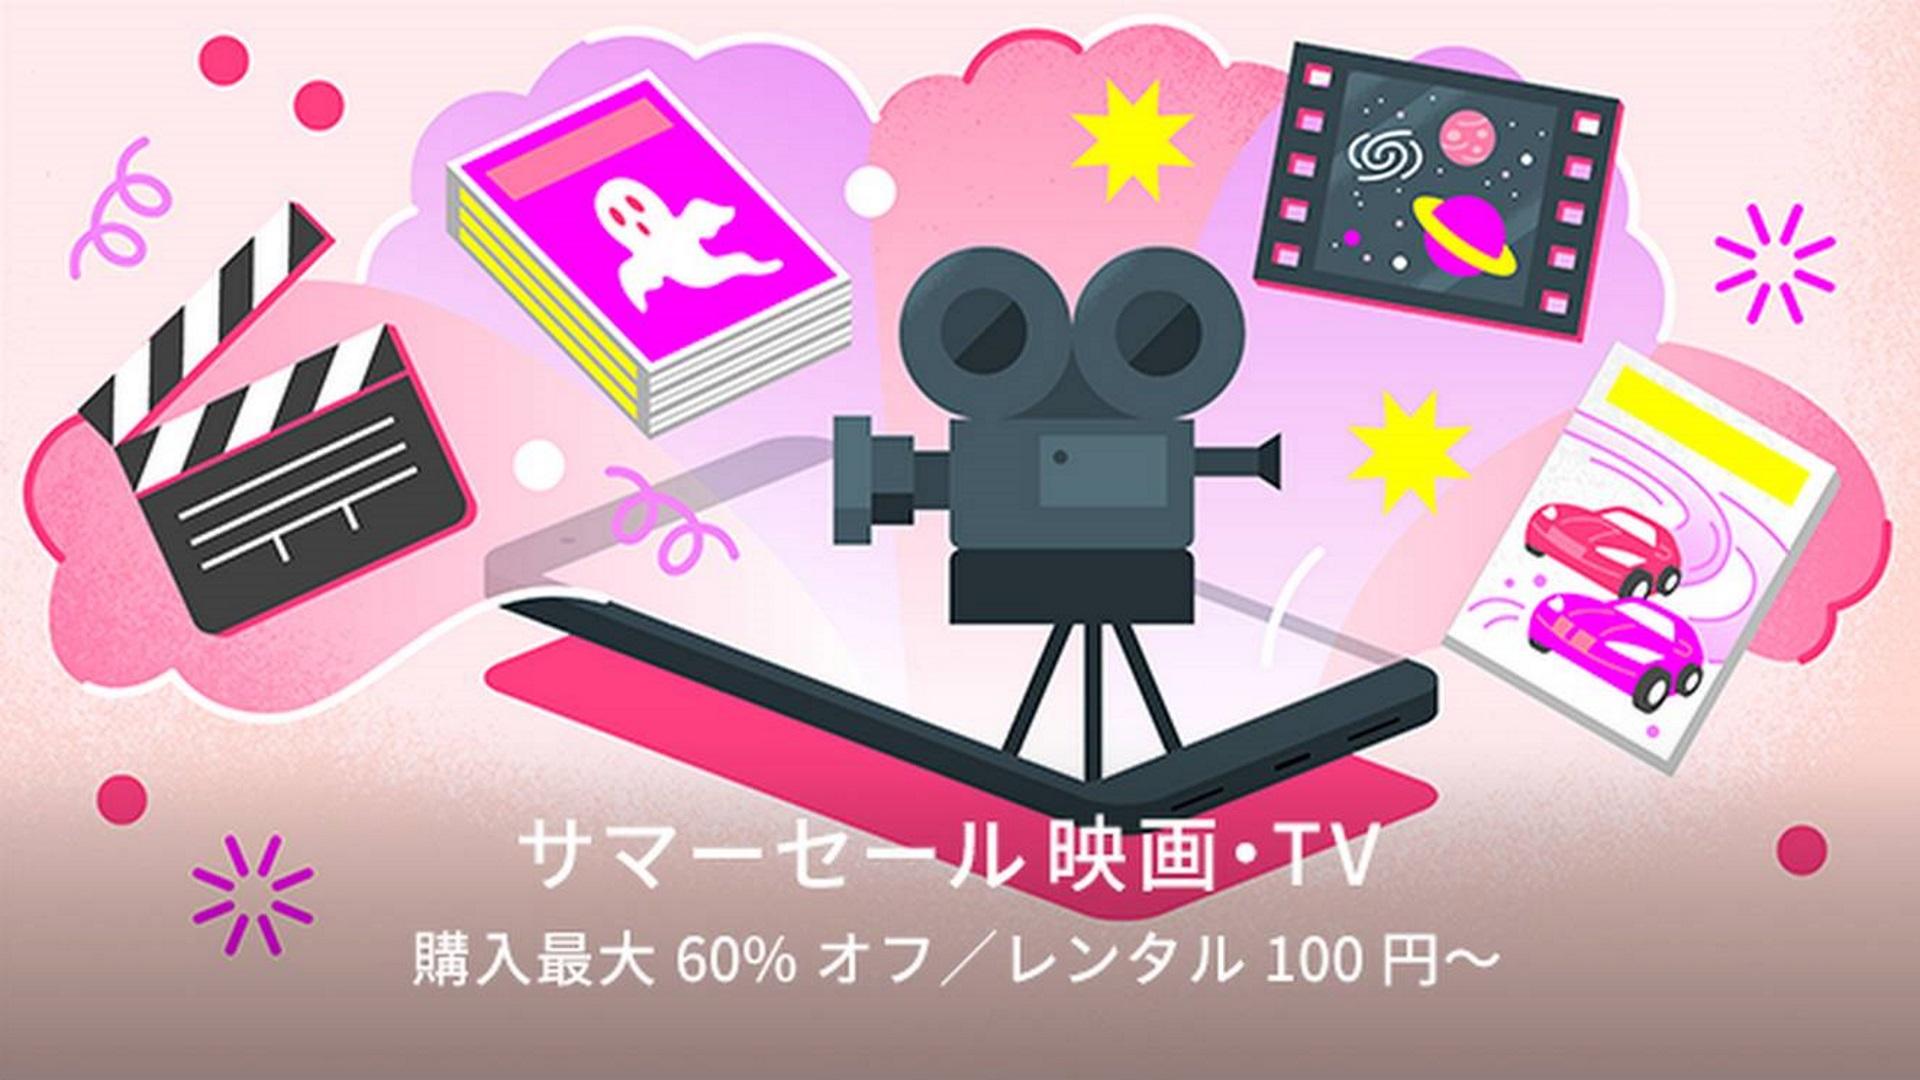 Google Play「夏の映画・TVセール」開催、レンタル100円など